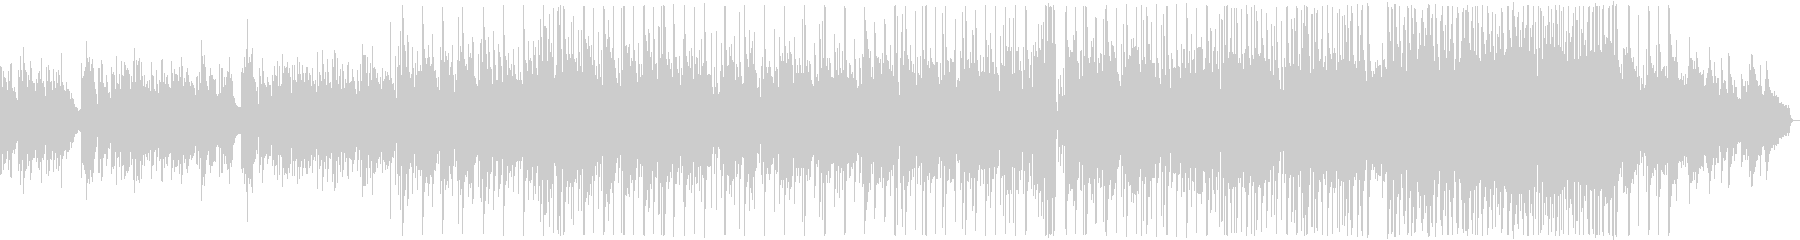 悲しい雰囲気のK-POP風バラード2の未再生の波形